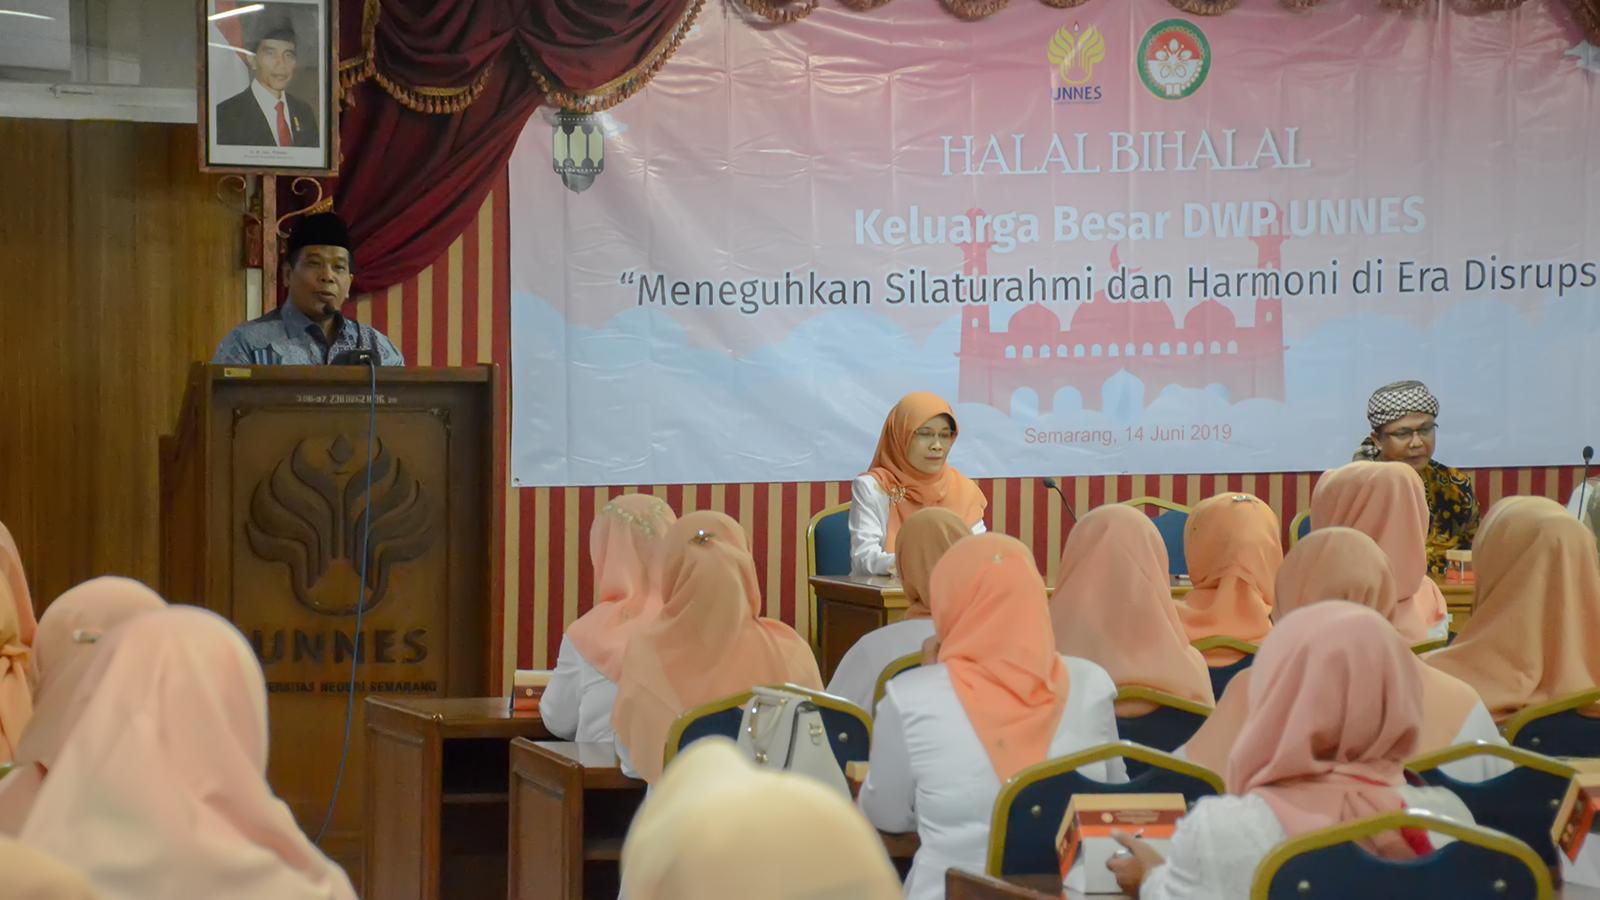 Perkuat Jalinan Silaturahmi Melalui Halal bi Halal DWP UNNES